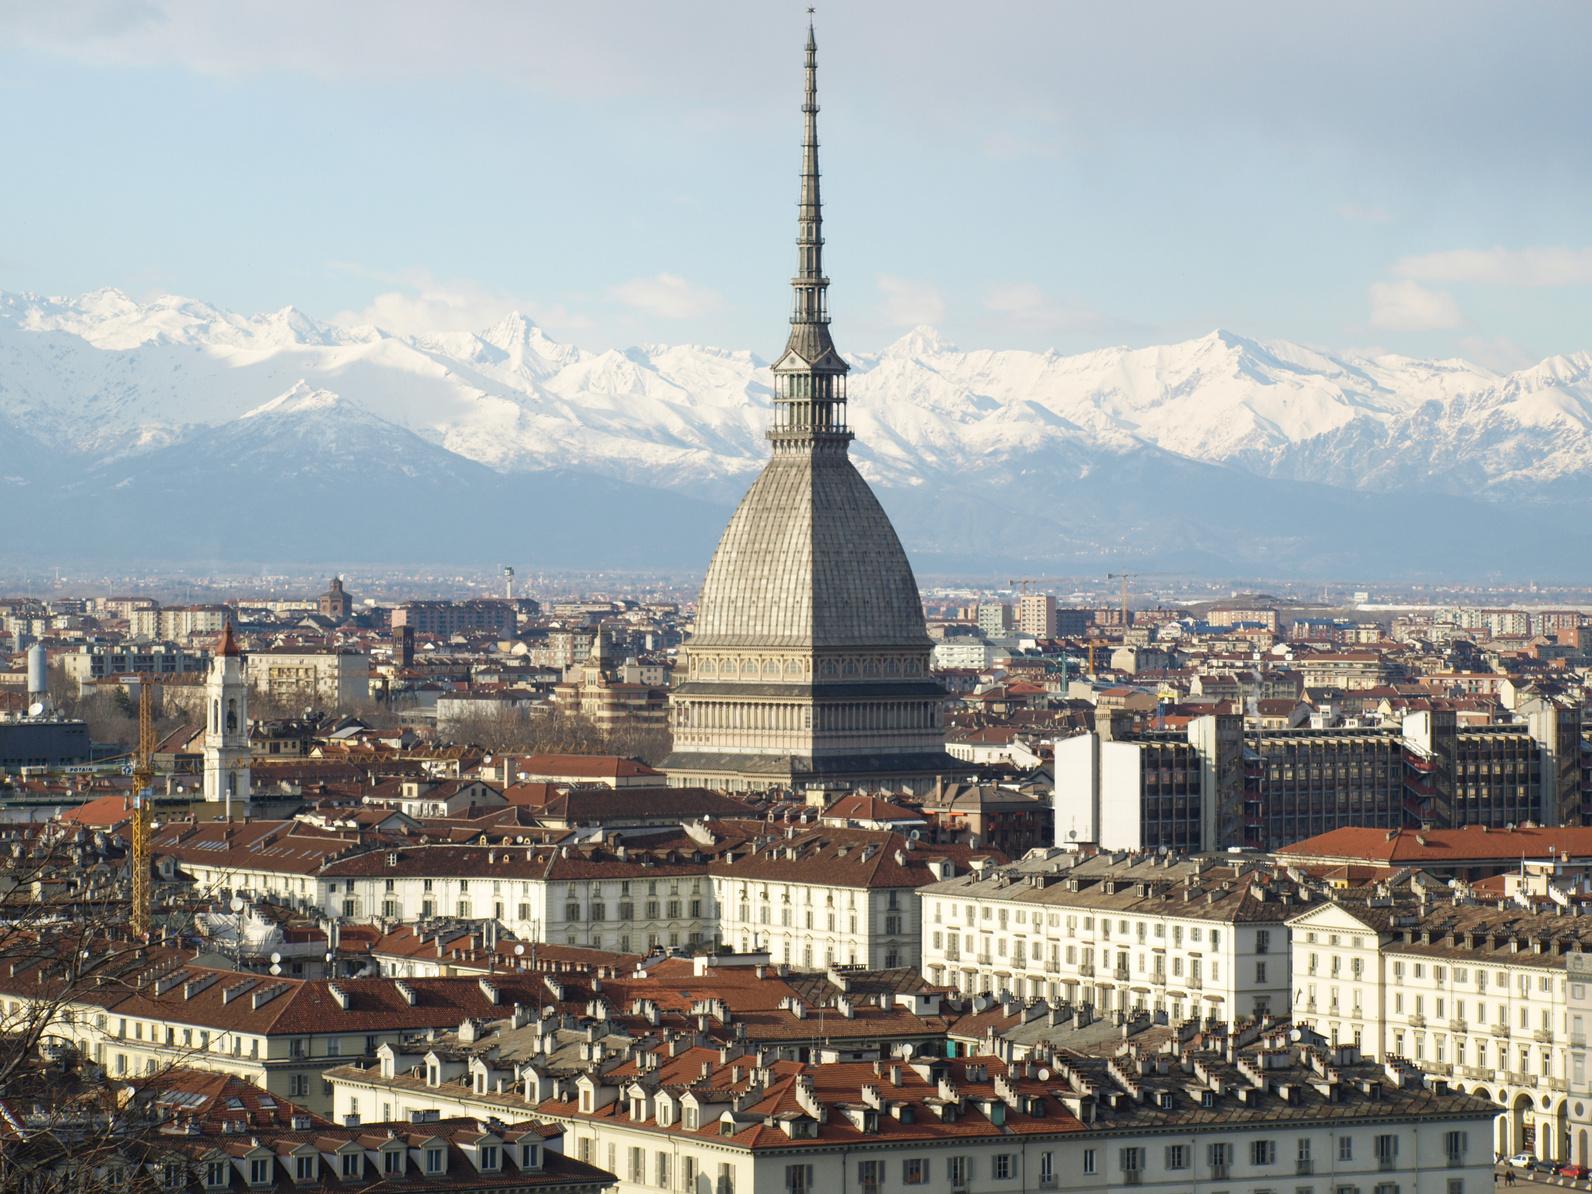 foto panoramica di Torino in cui è presente la Mole Antoneliana